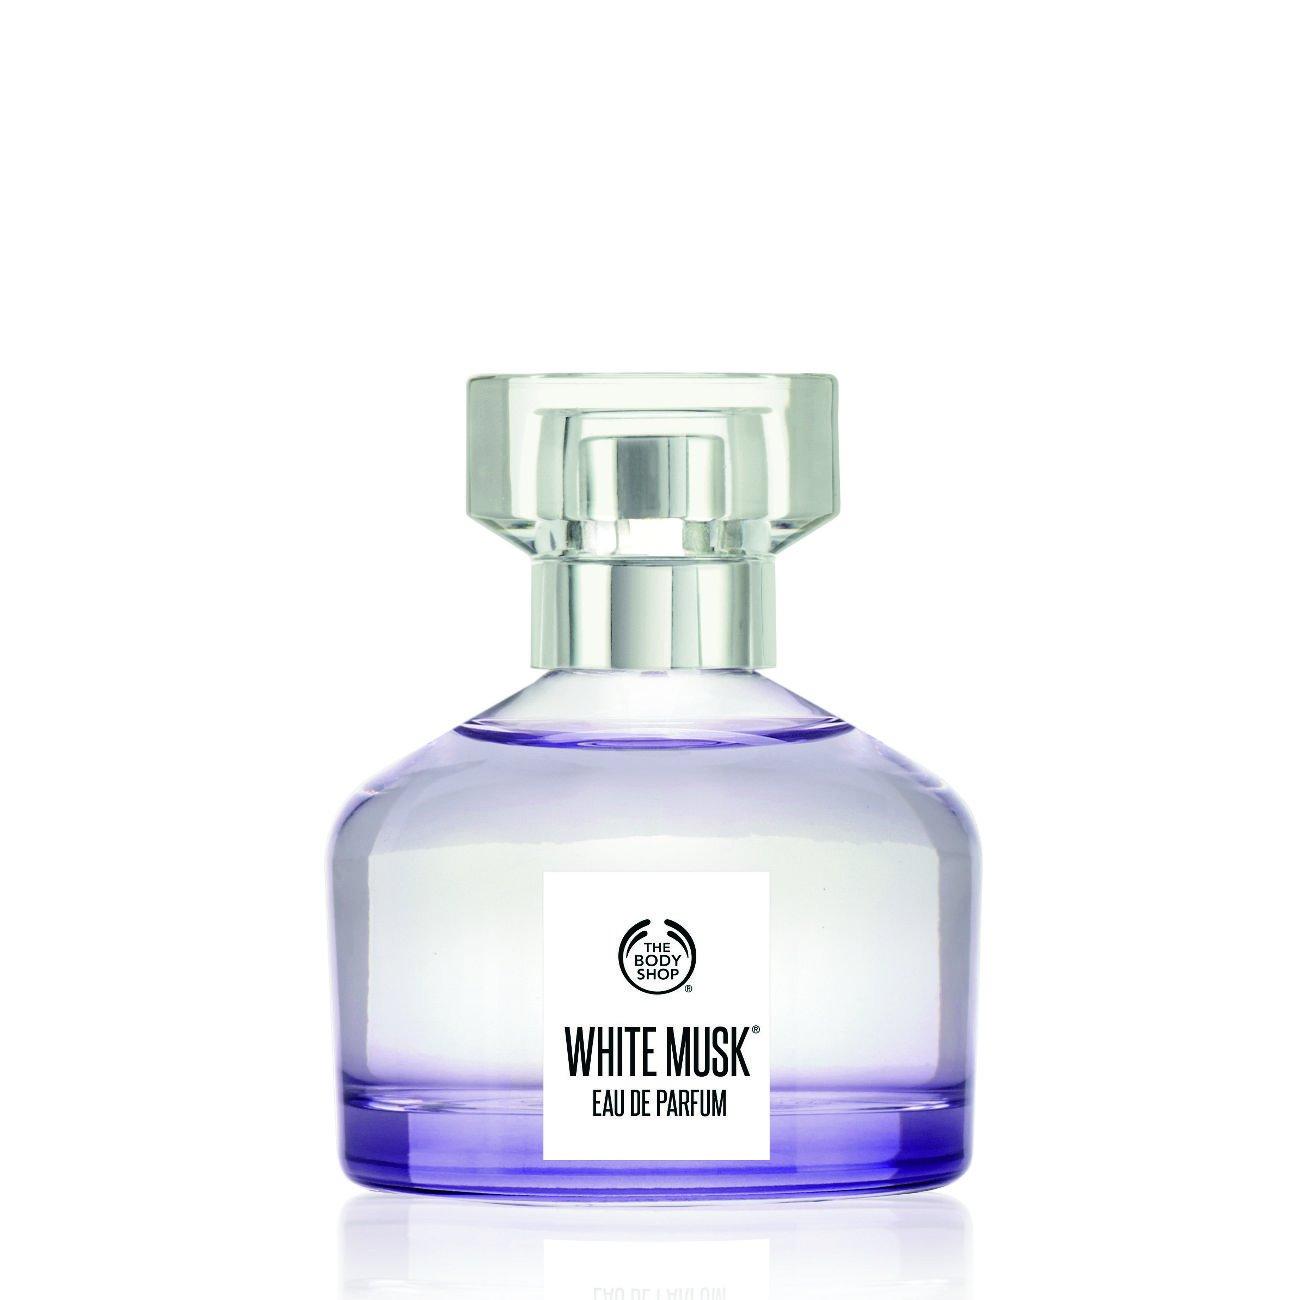 The Body Shop White Musk Acqua di Profumo - 50 ml The Body Shop Spain 1094103